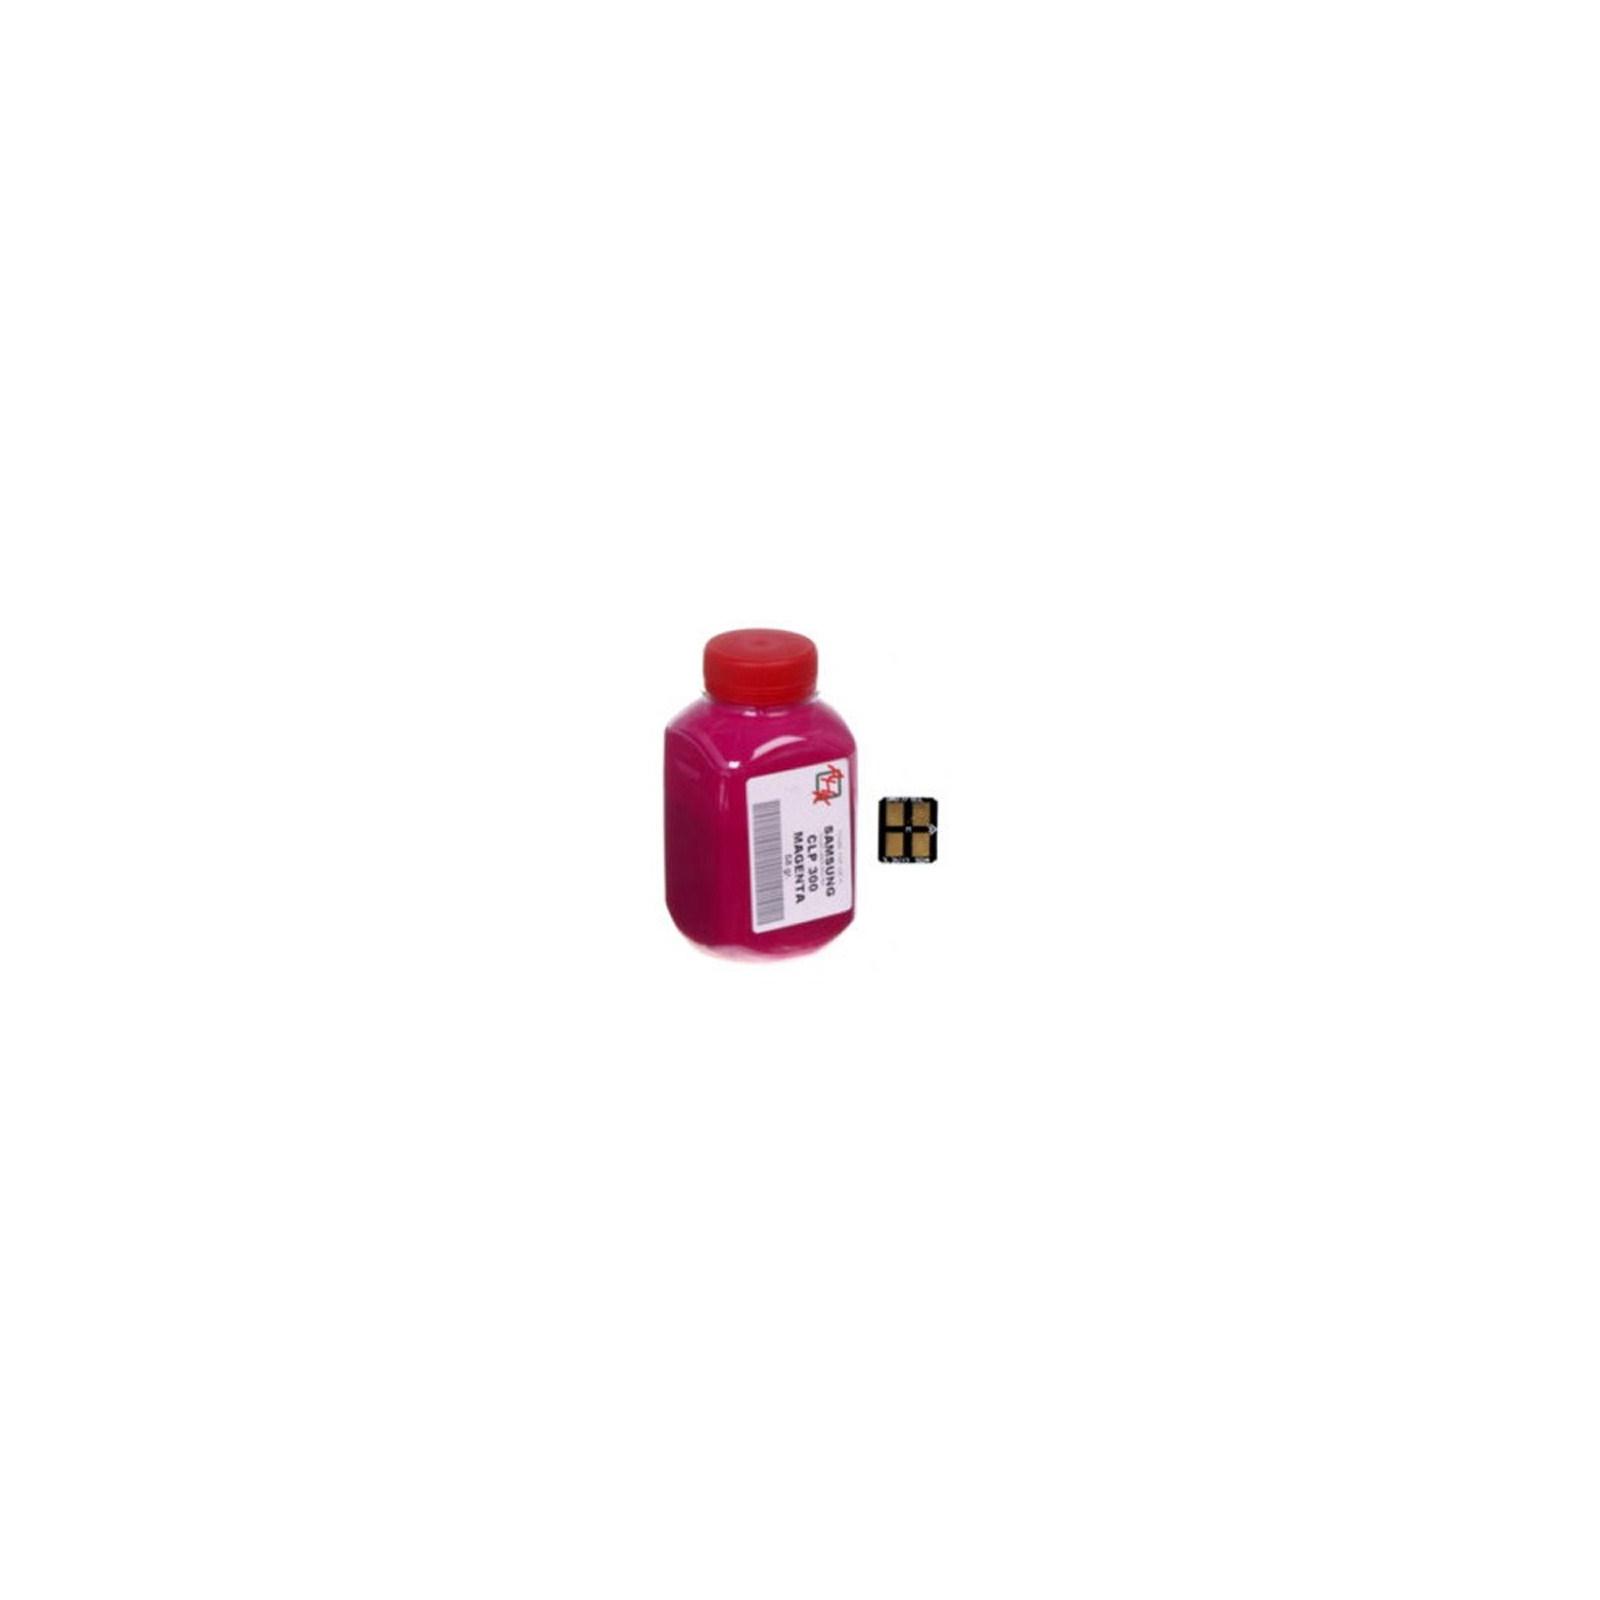 Тонер SAMSUNG CLP-300 Magenta+chip AHK (1500230)